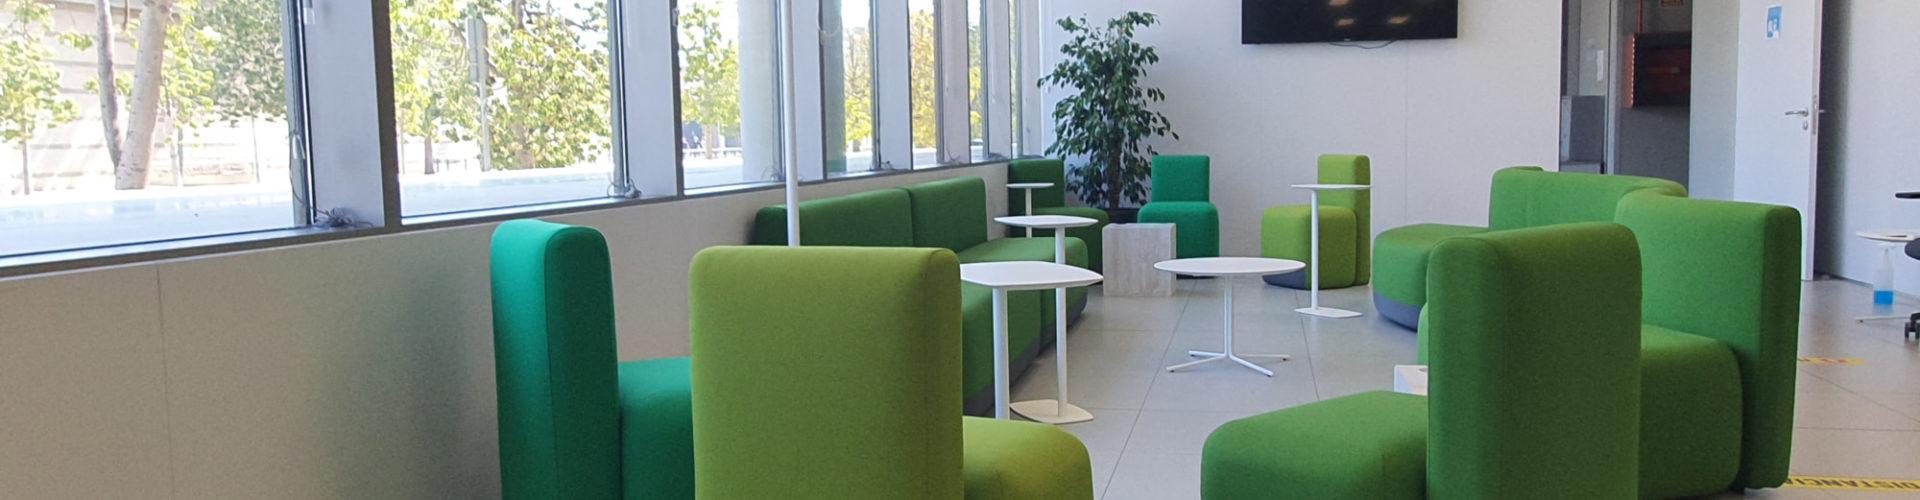 icav portada orsal.com orsal.com